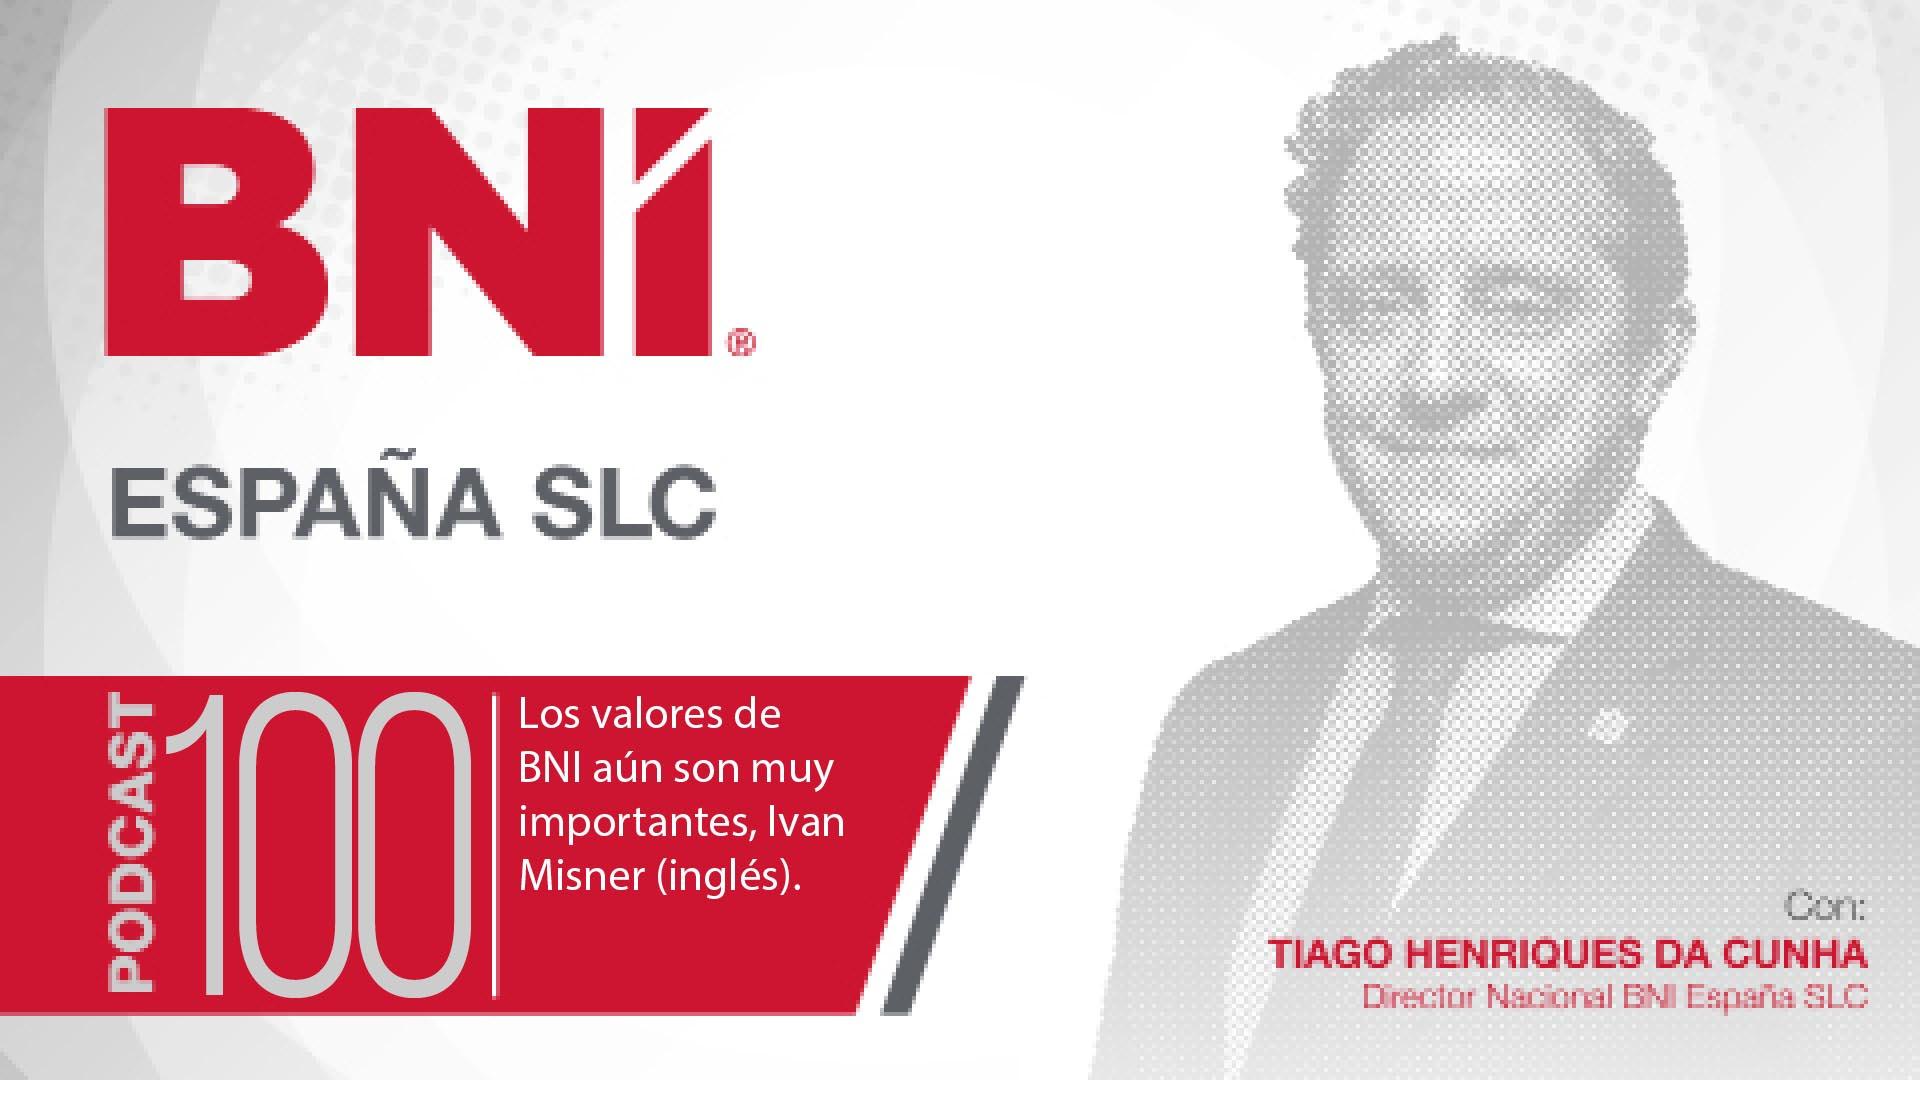 Tiago Henriques Da Cunha Director Nacional BNI España